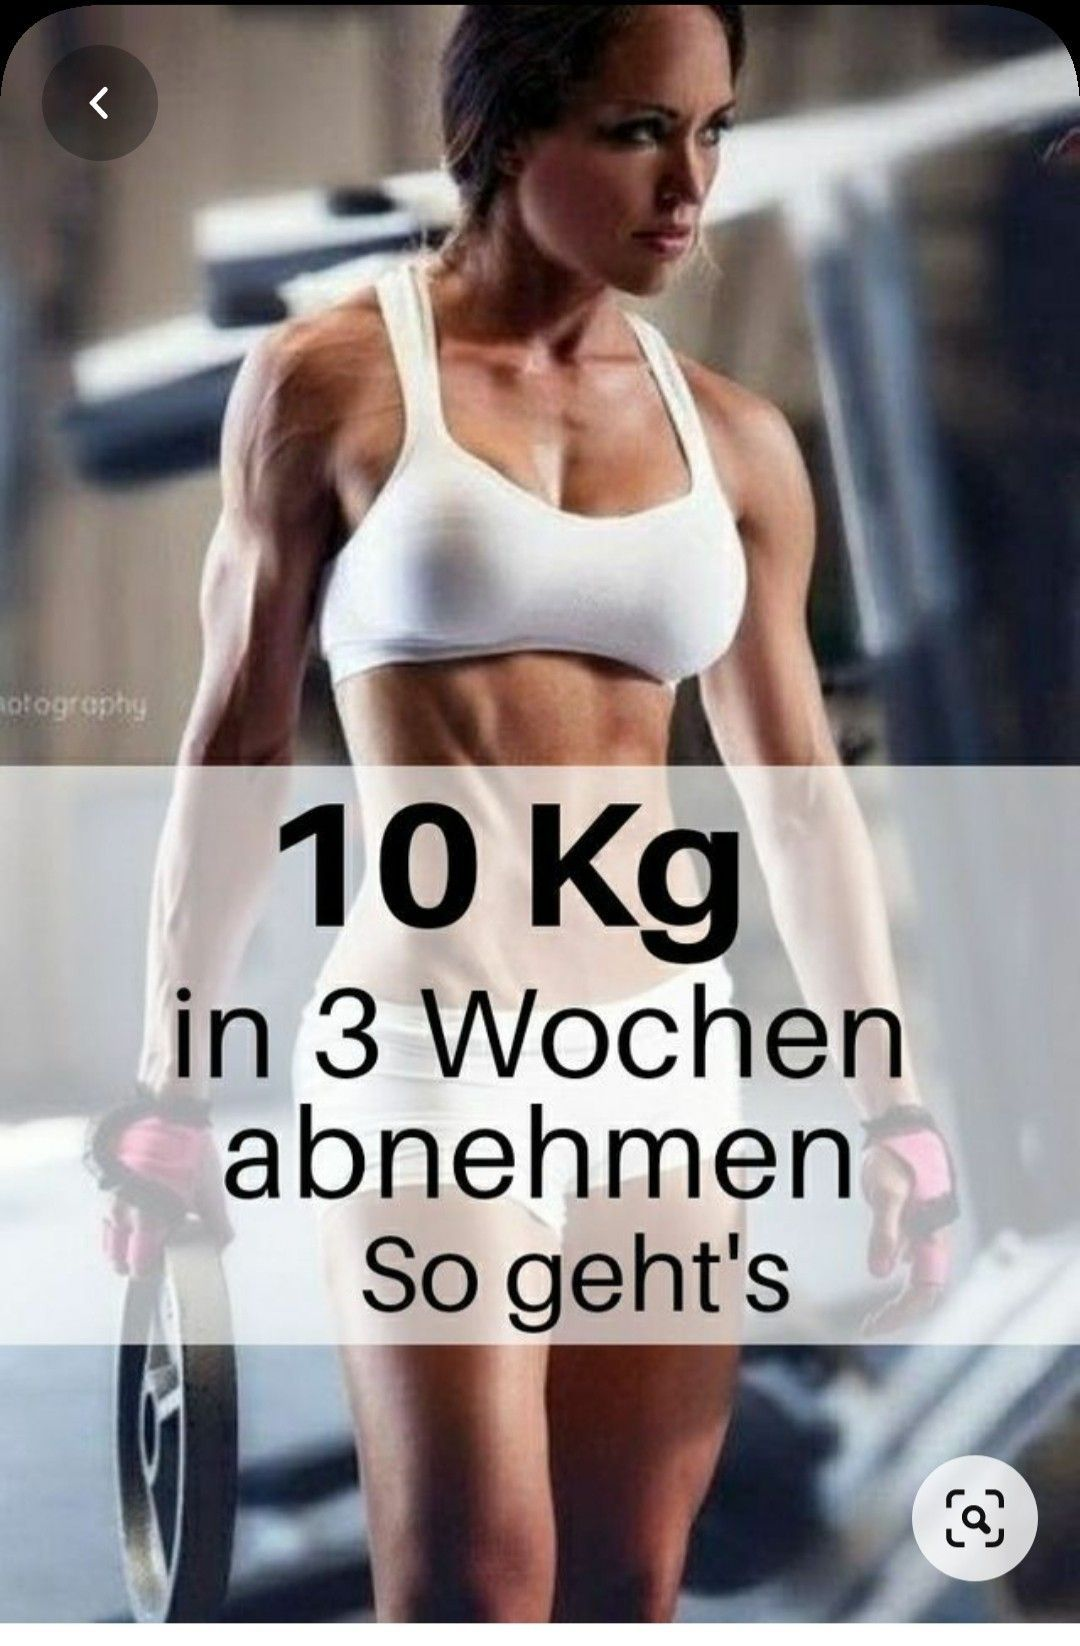 Wie man in einem Monat Gewicht verliert 15 Kilo entspricht